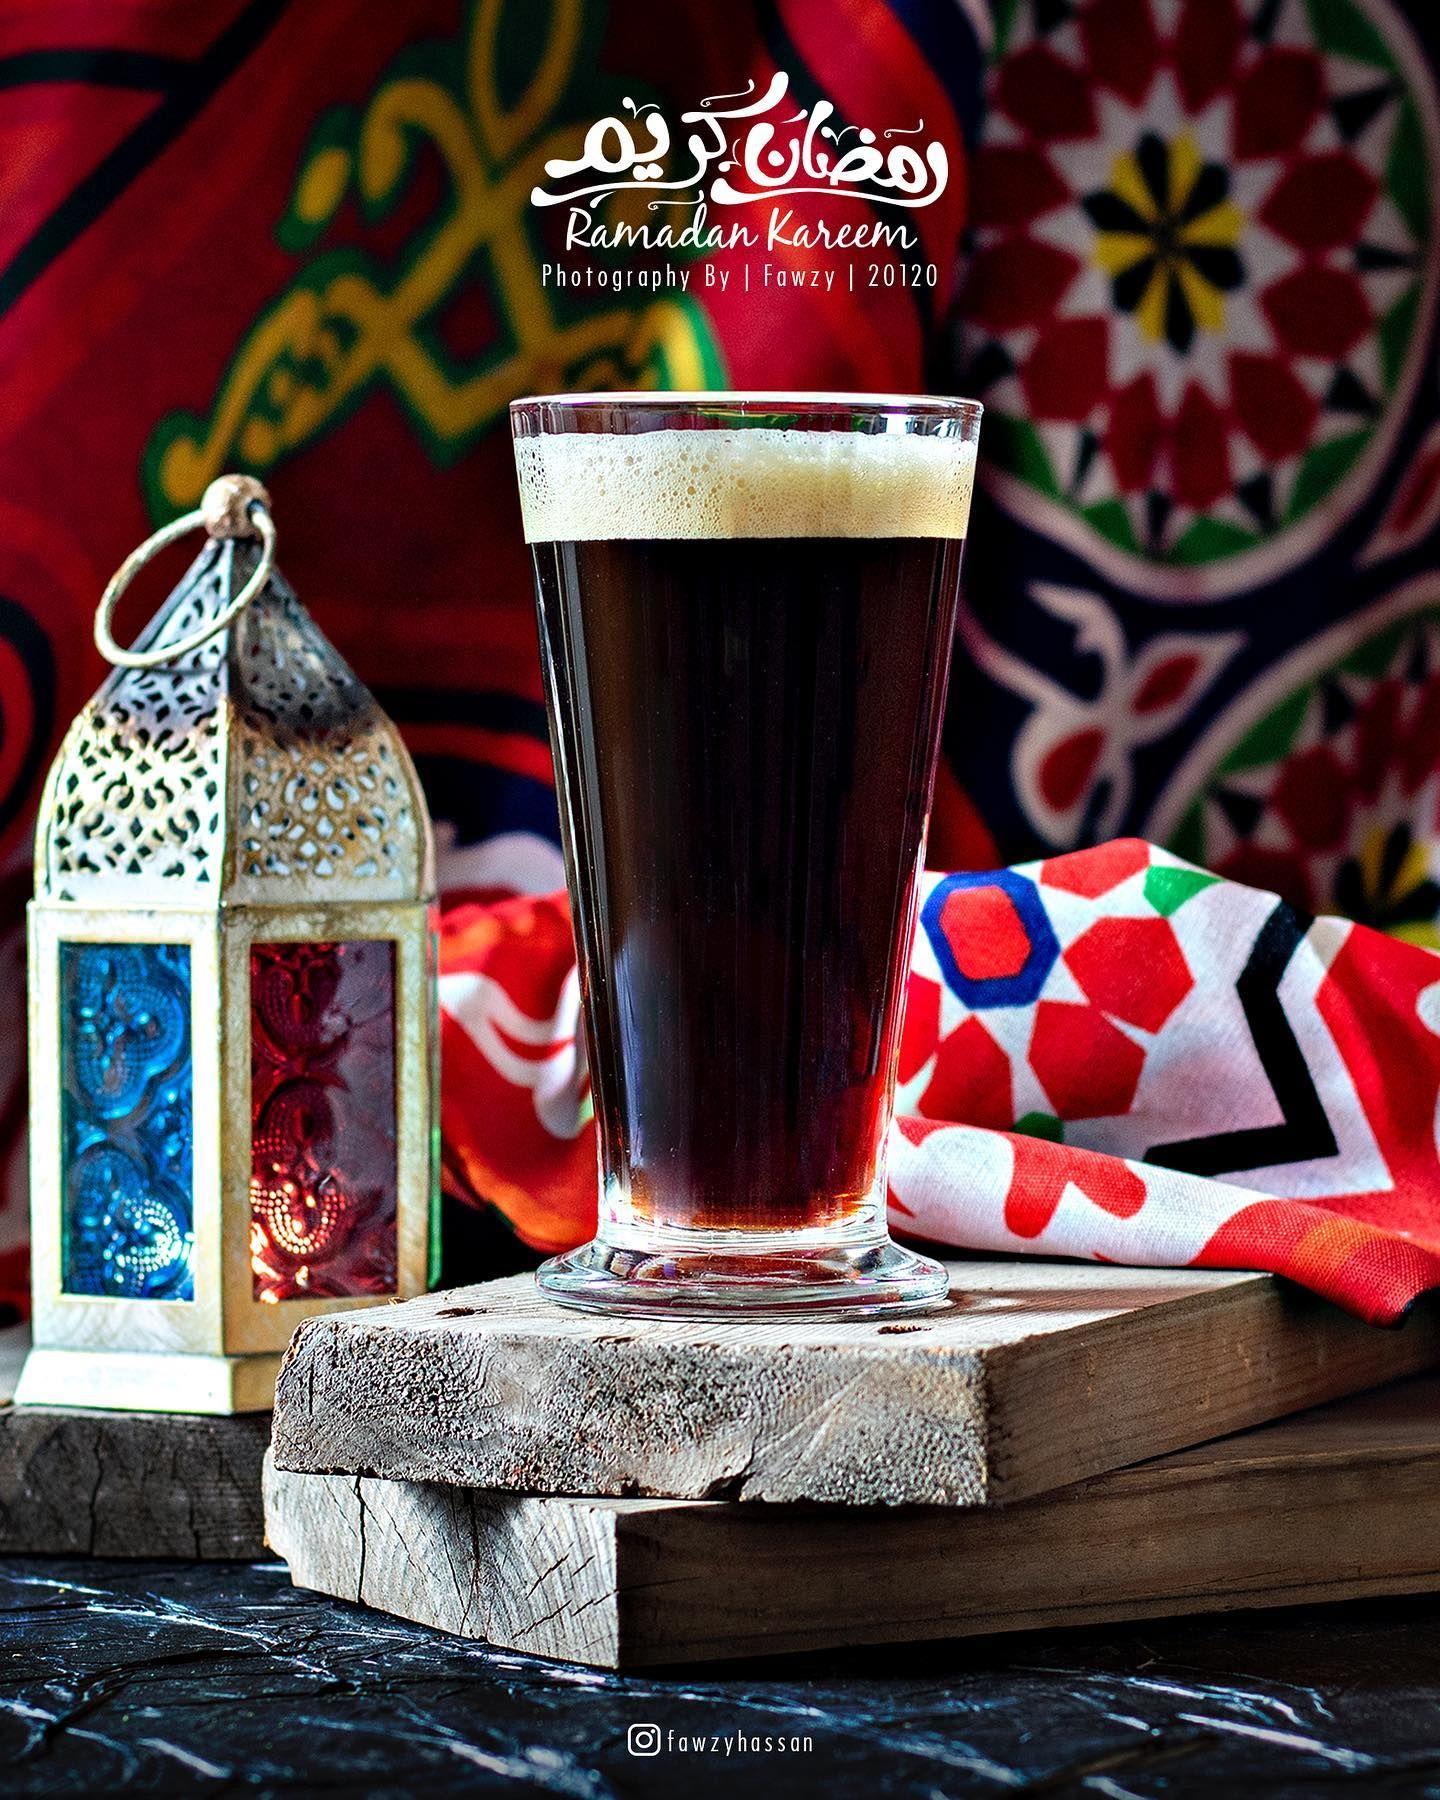 المشروب الرسمى عند المصريين في رمضان عرق سوس رمضان كريم نجاح شوريك مخبوزات مخبوزات جو معجنات معجناتي Pasta عدستي ت Ramadan Kareem Glassware Ramadan